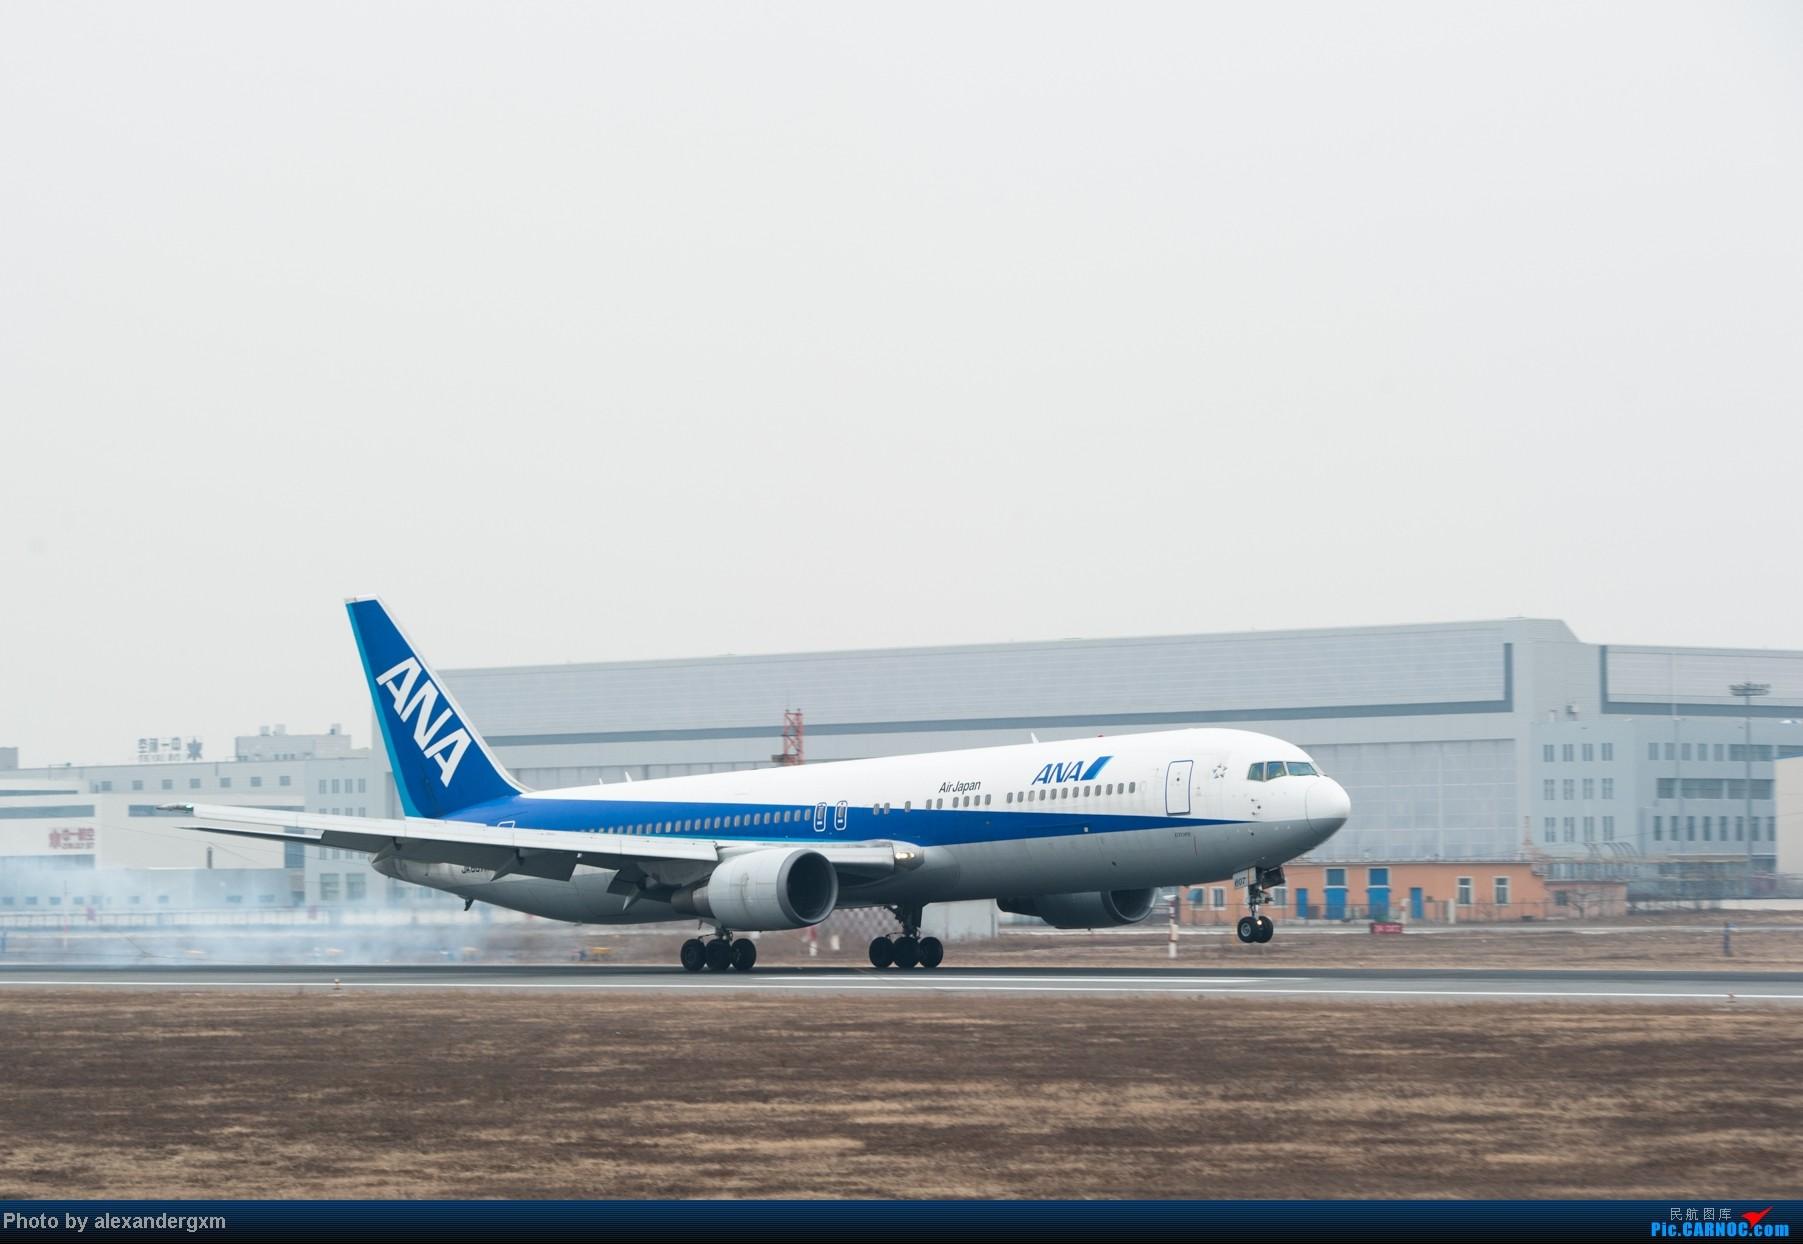 Re:[原创]【SHE】1月27日,桃仙的大灰机和小灰机。 767-300  中国沈阳桃仙机场